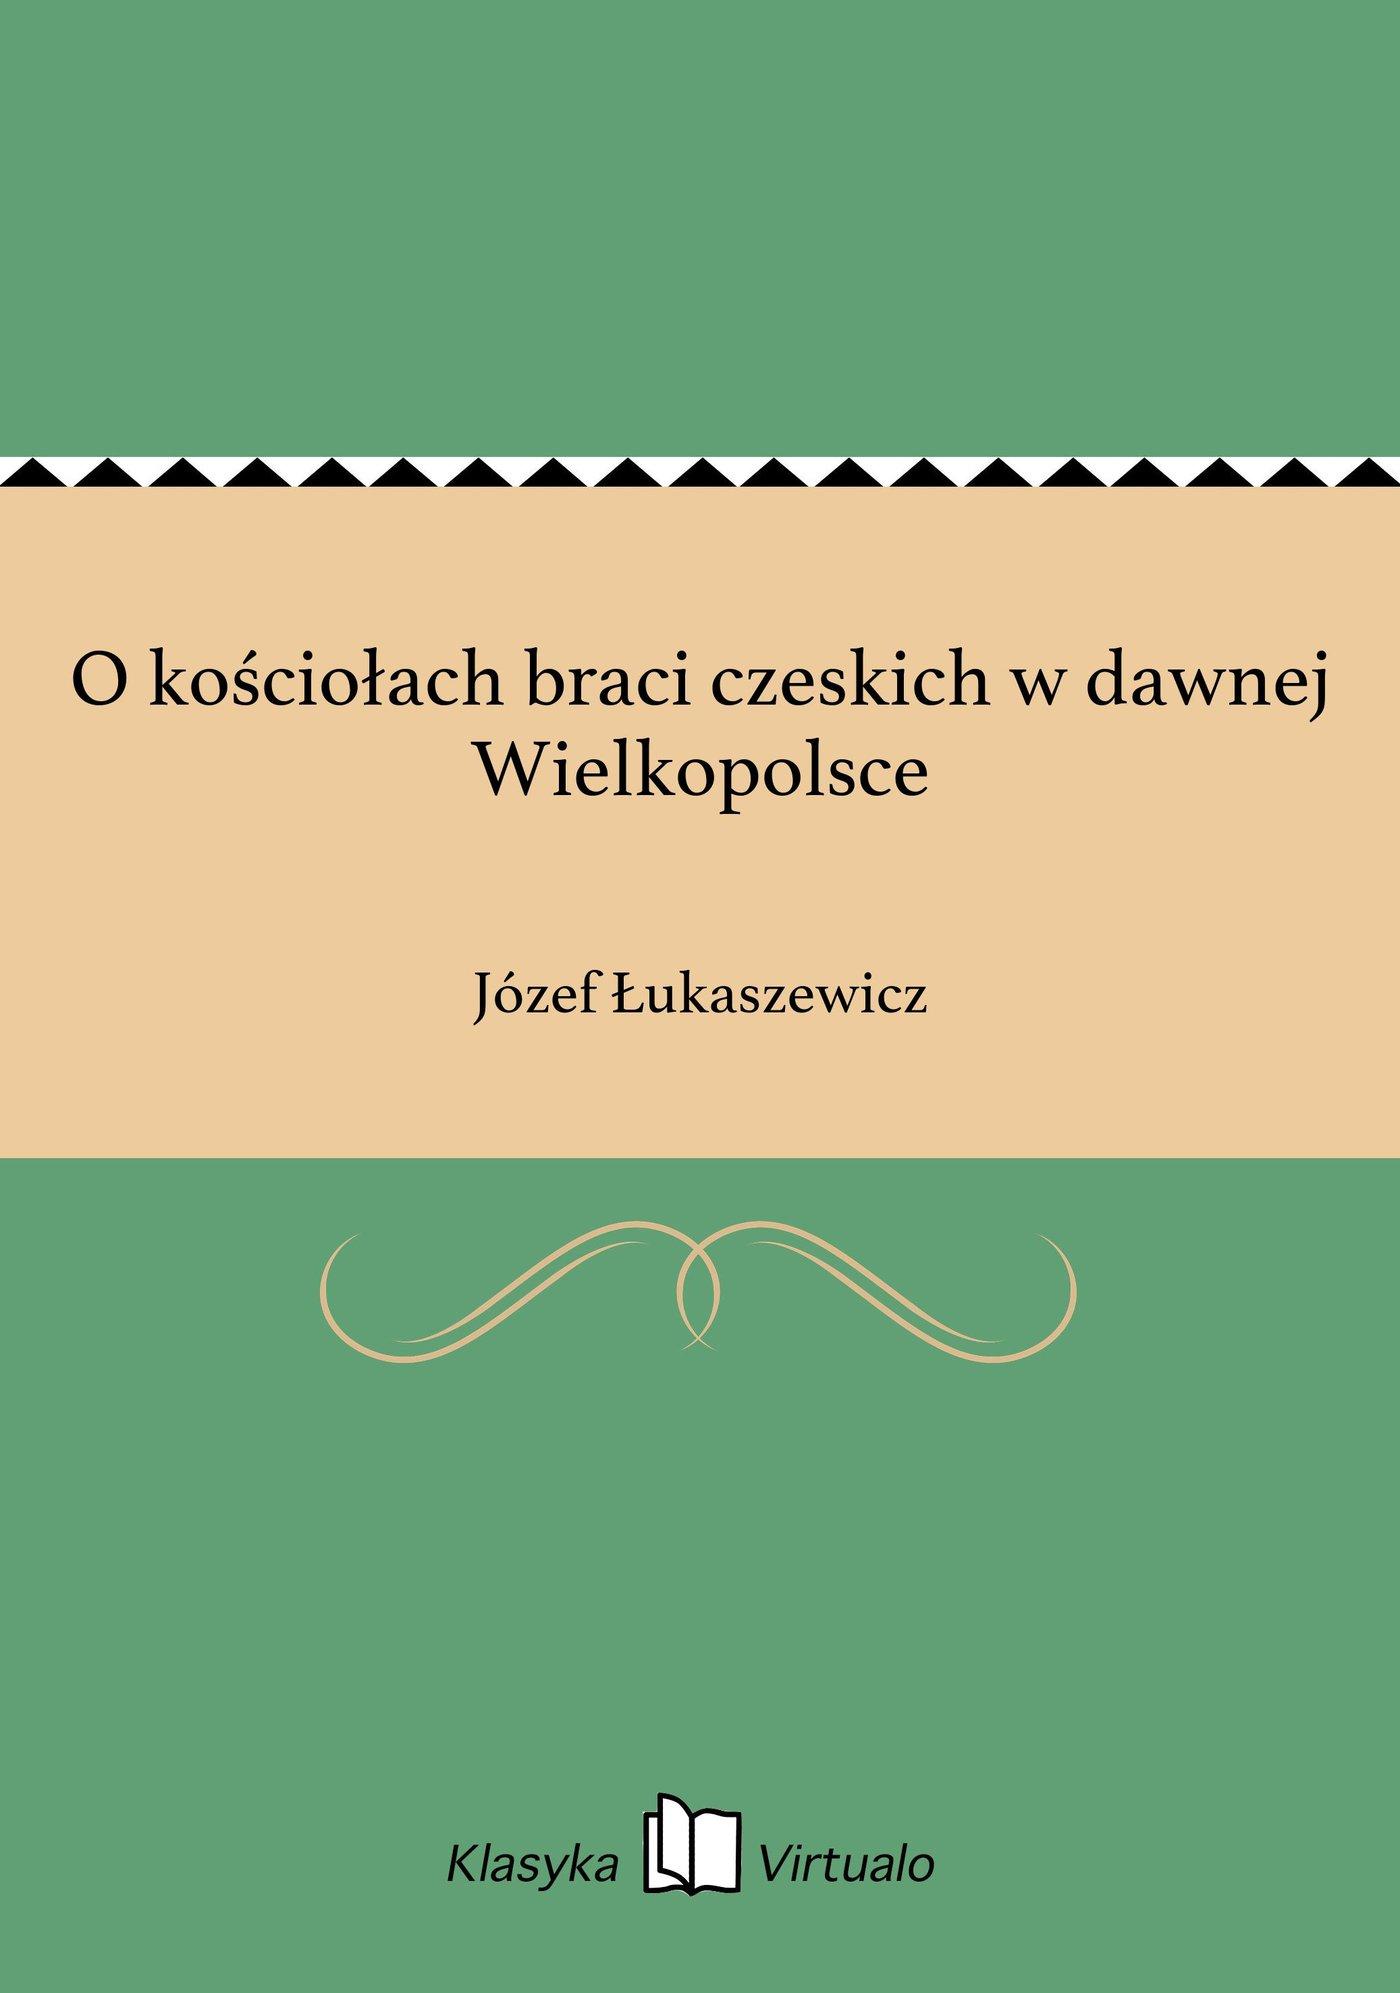 O kościołach braci czeskich w dawnej Wielkopolsce - Ebook (Książka EPUB) do pobrania w formacie EPUB